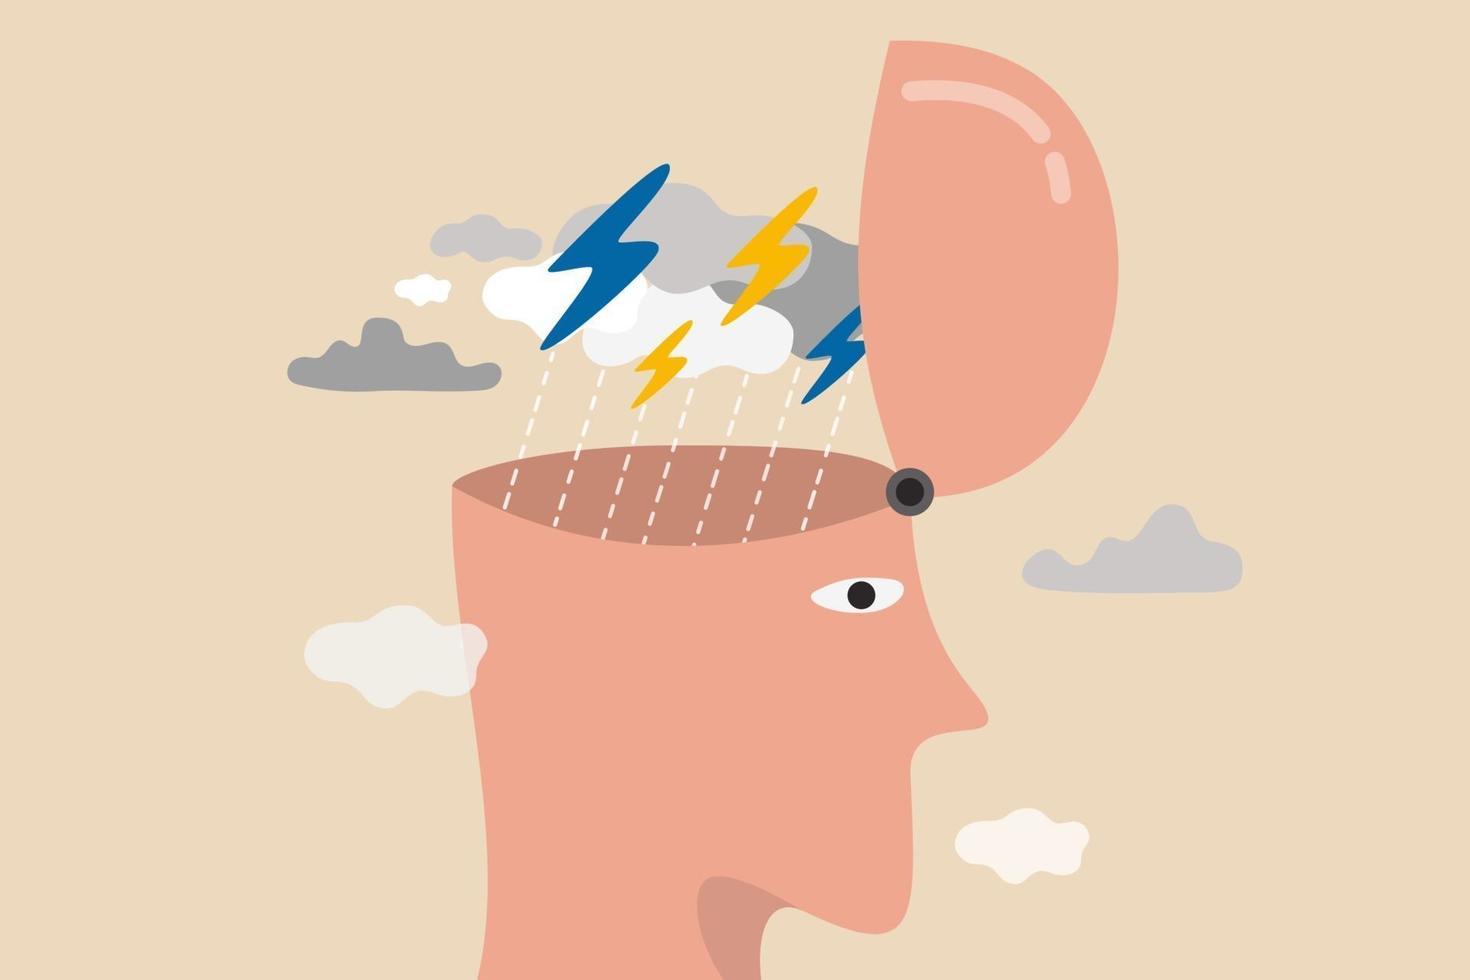 conceito de emoção depressão, raiva, estresse e ansiedade vetor